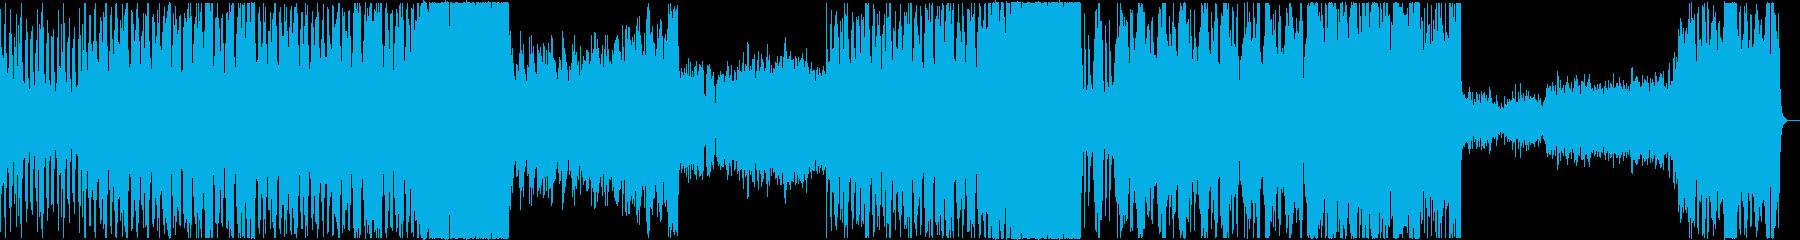 ボス戦向けBGMの再生済みの波形